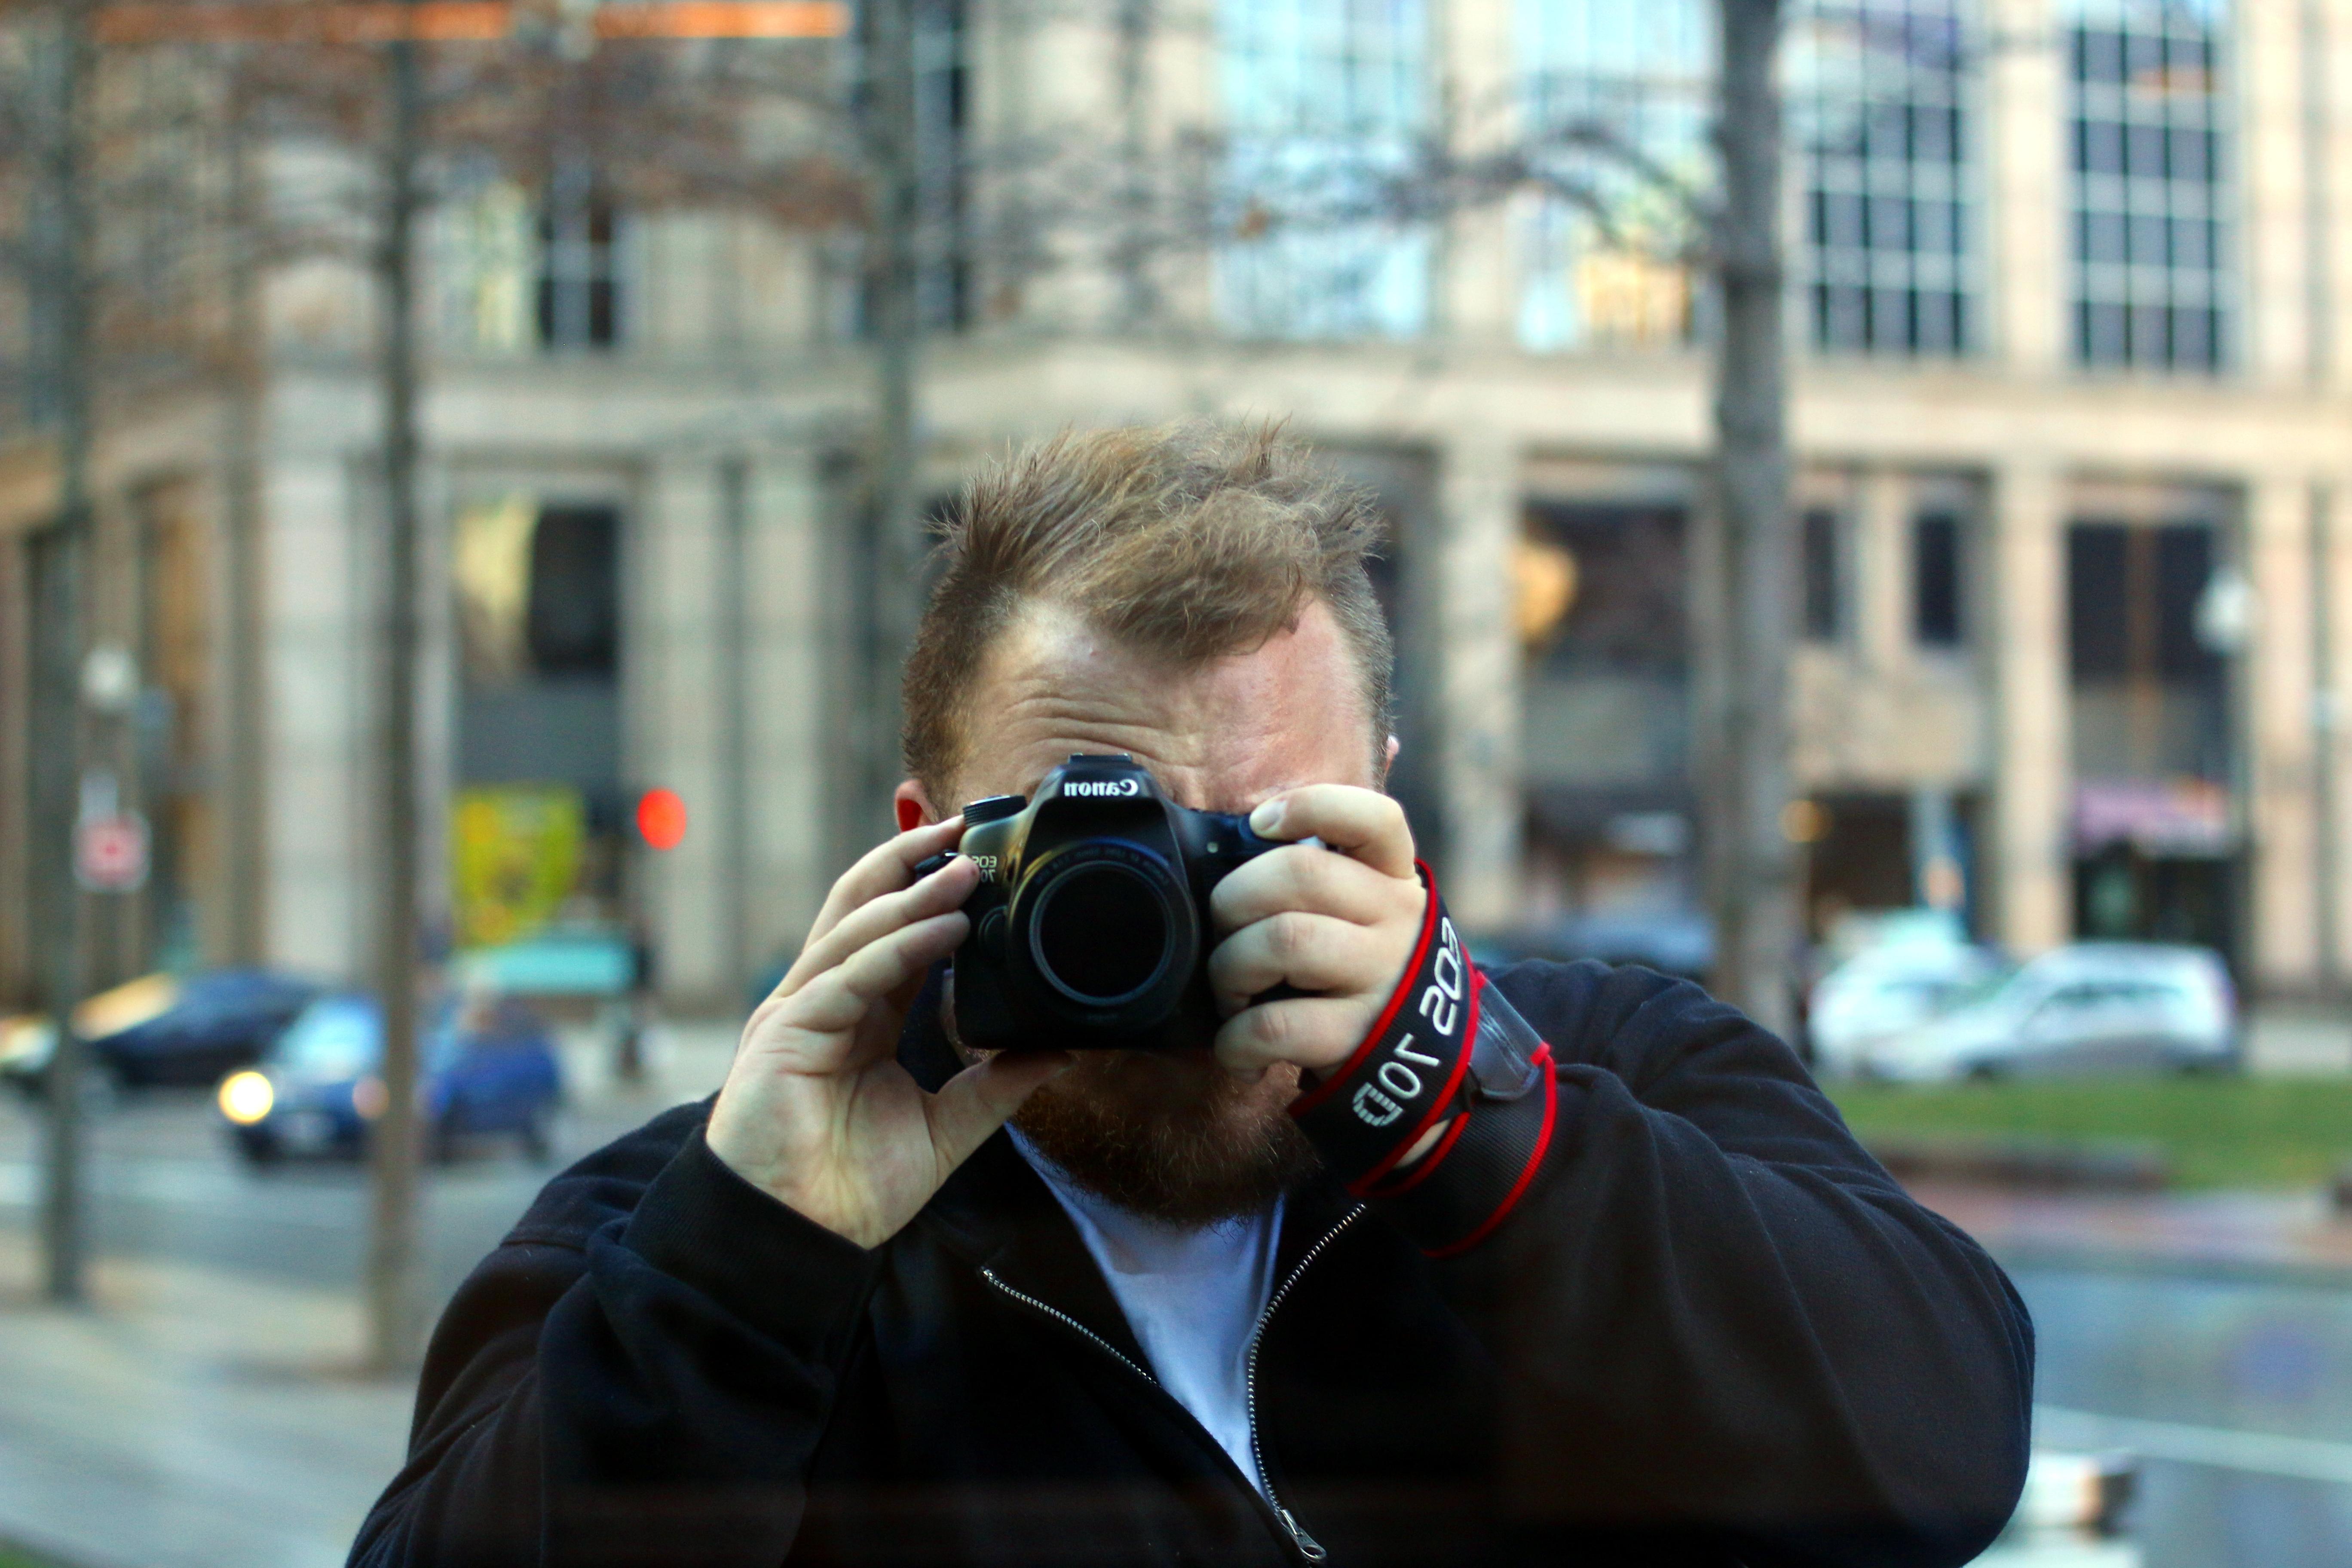 Et billede af mig - hvis i skulle være i tvivl.